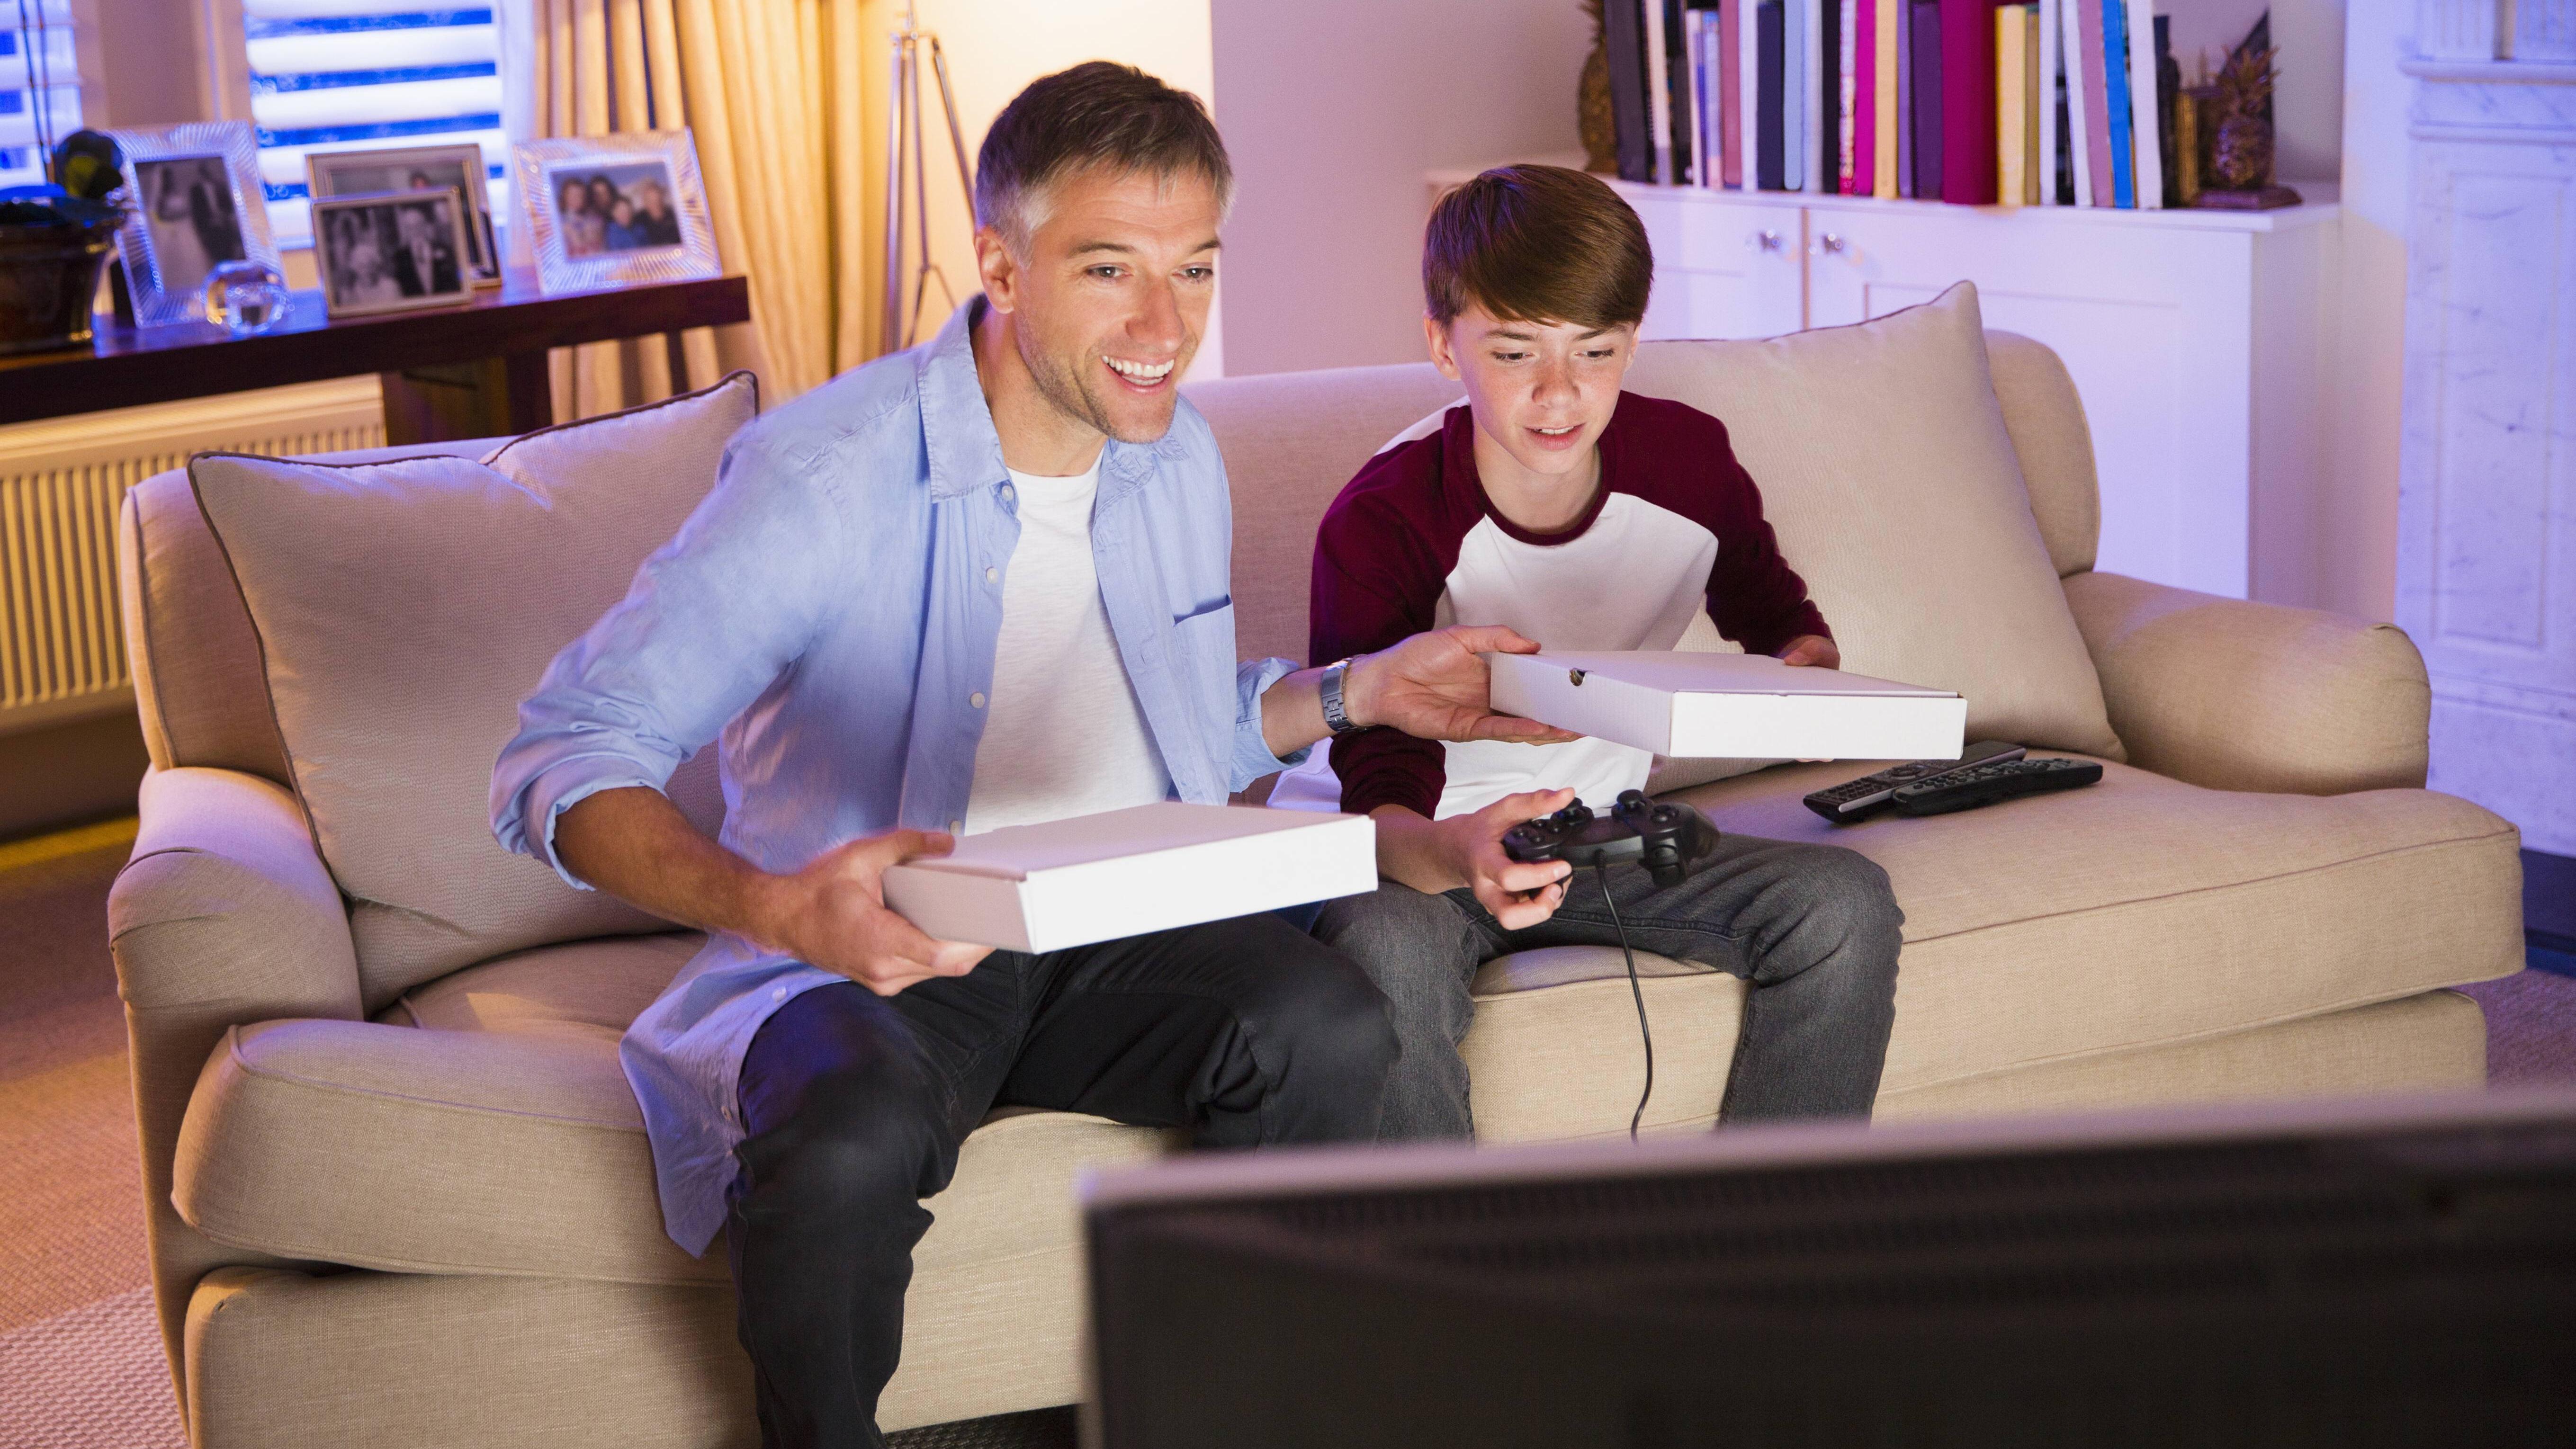 Der Vater Sohn Konflikt tritt meist während der Pubertät auf.